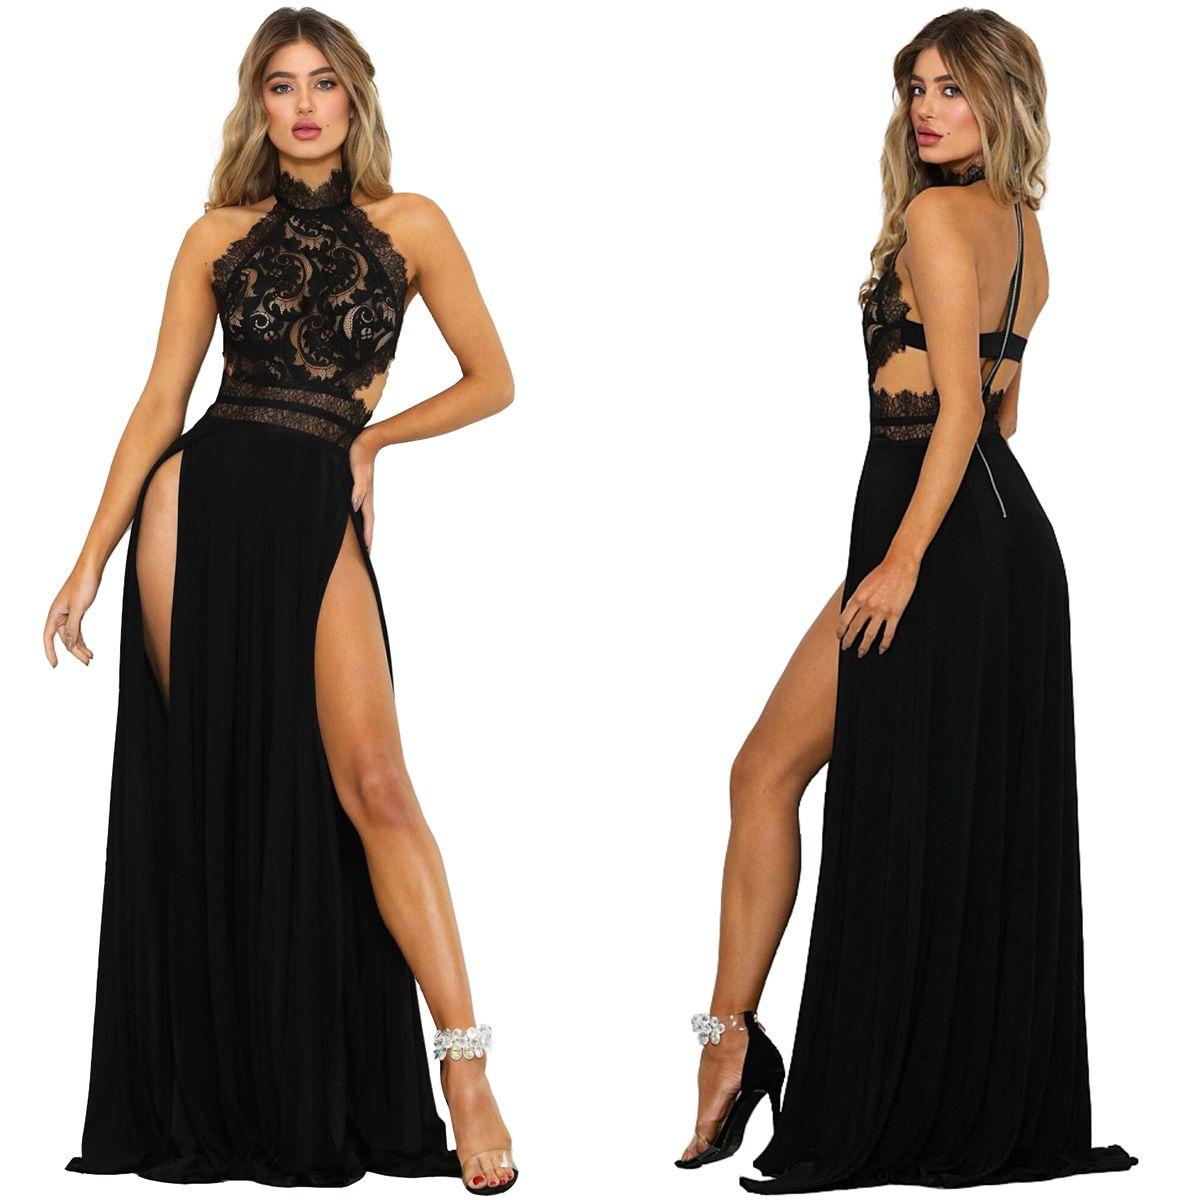 SICAK Dantel Seksi Halter Boyun Kat-Uzunluk Elbise S-XL Size Kadınlar Moda Bölünmüş Elbise Yeni Yaz YÜKSEK KALİTE Standı